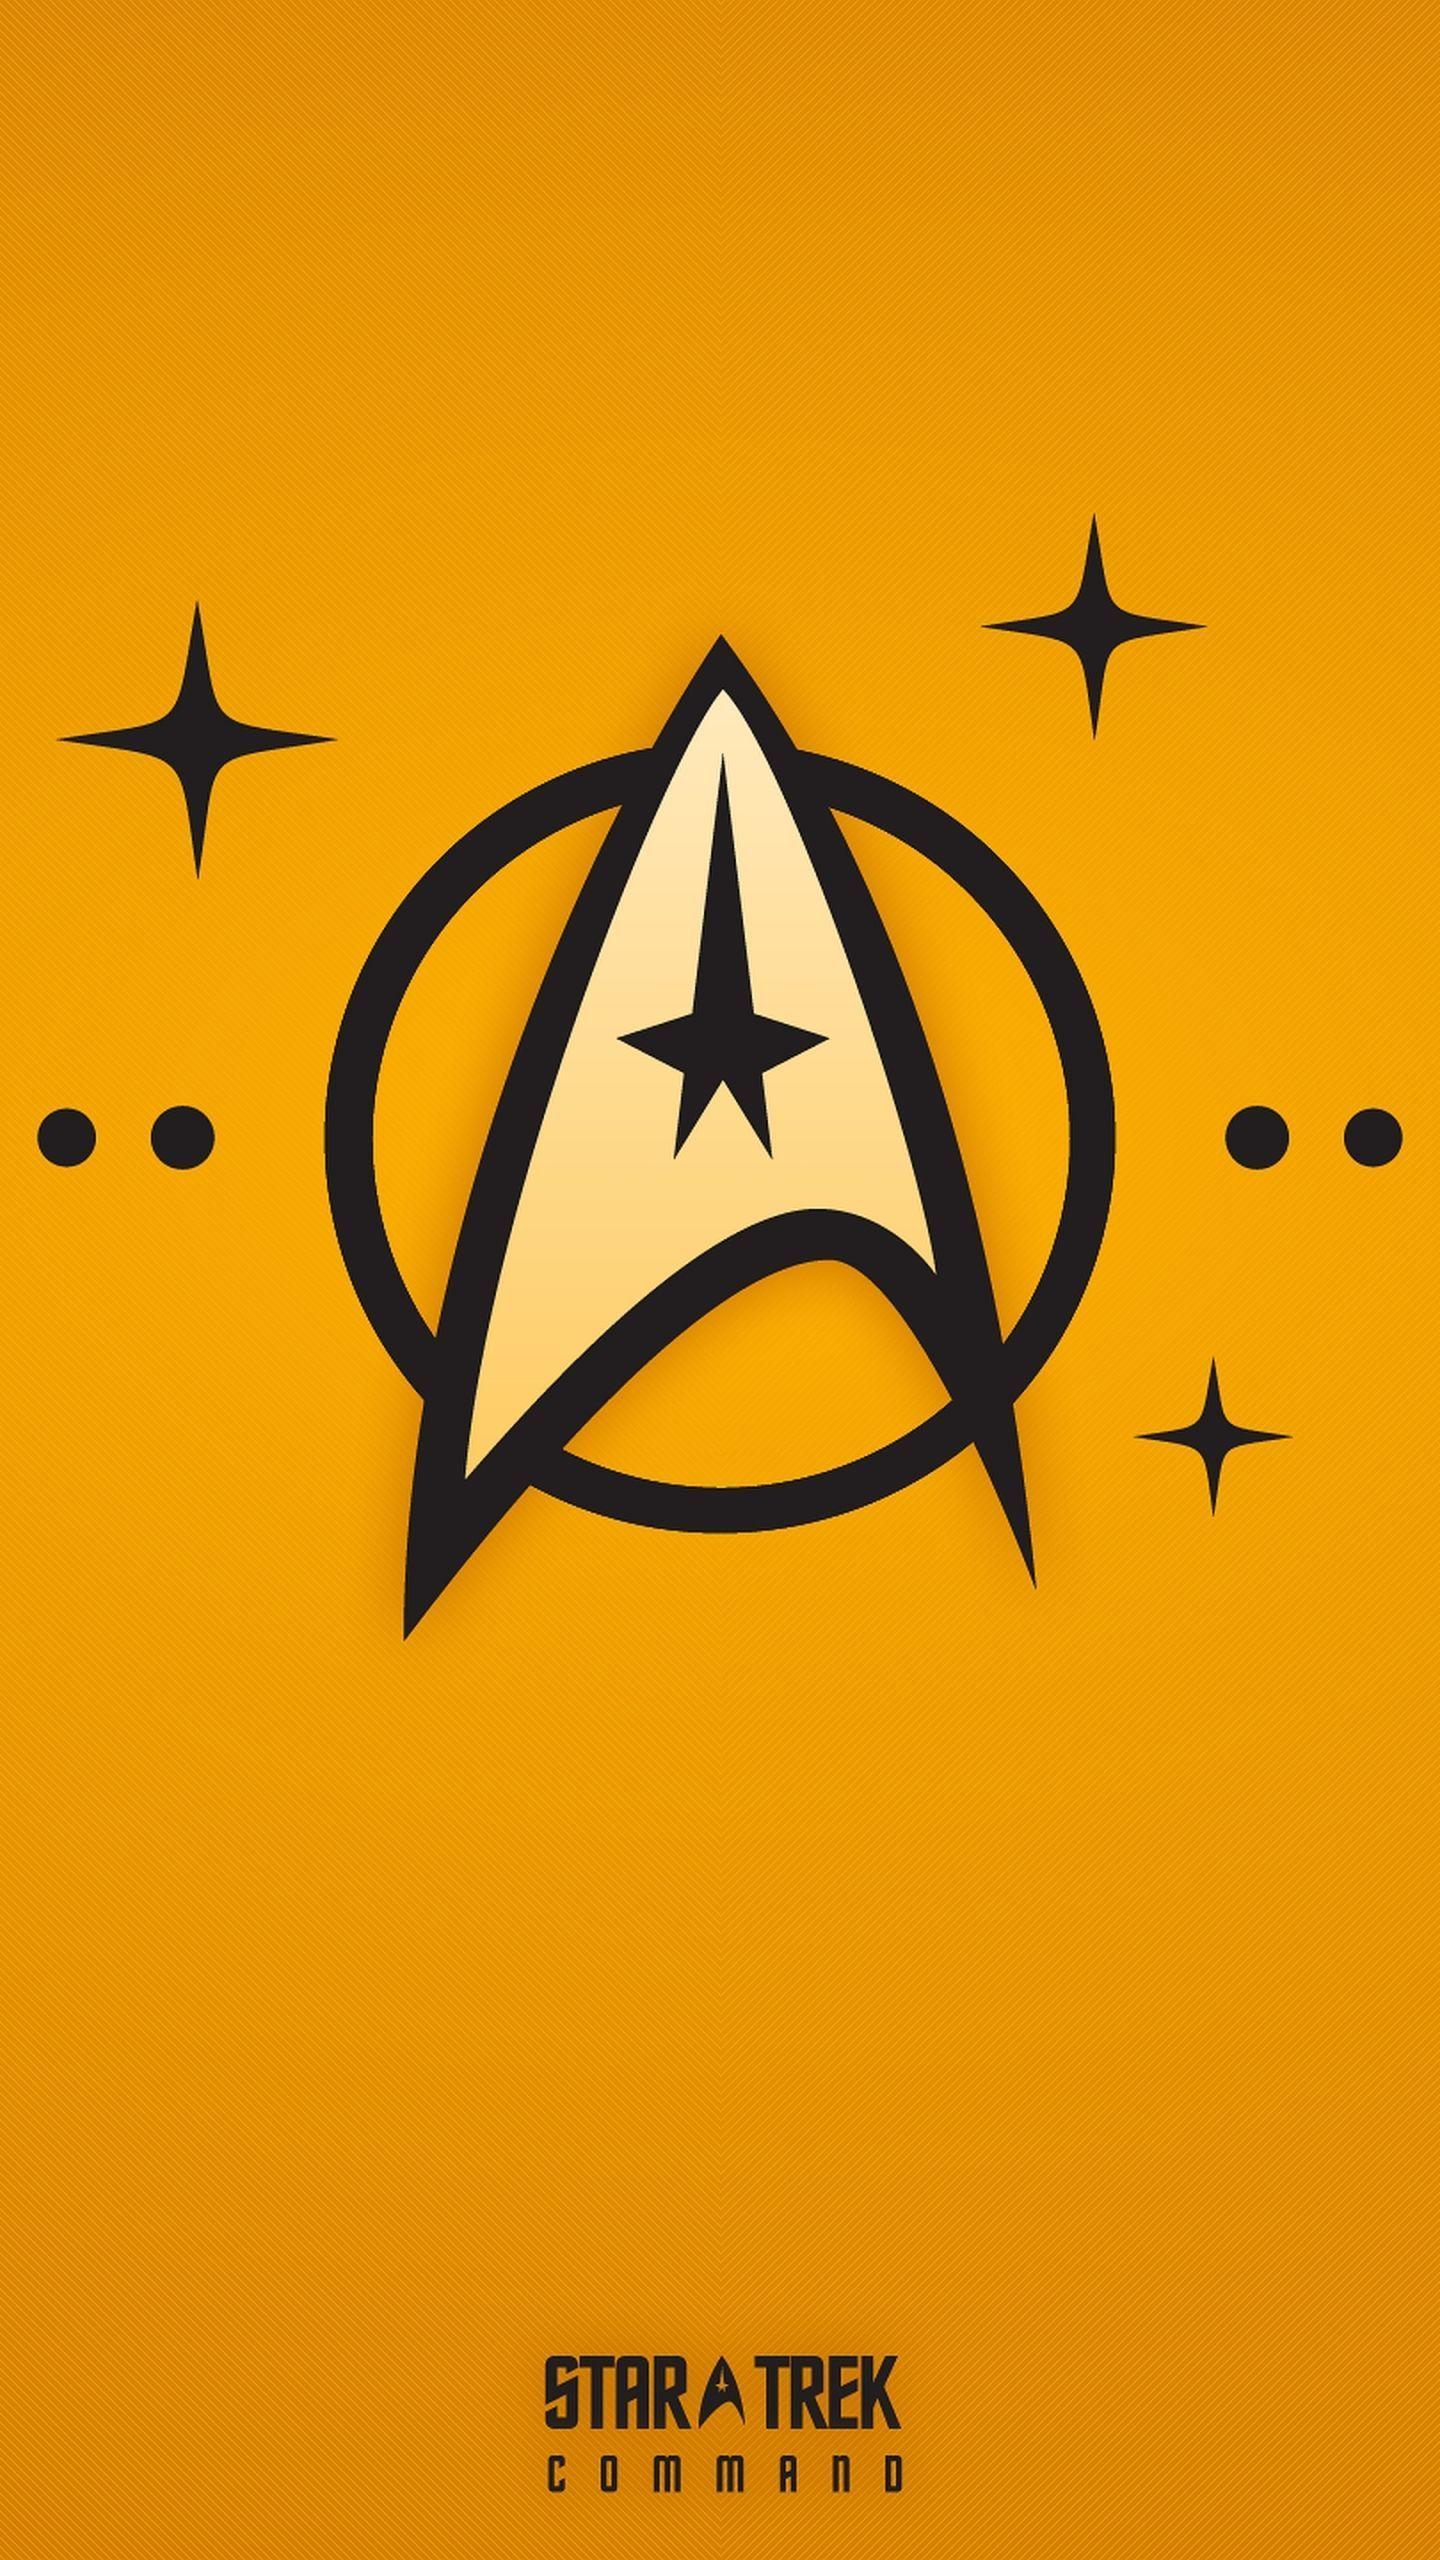 45+ Star Trek Phone Wallpapers Download at WallpaperBro